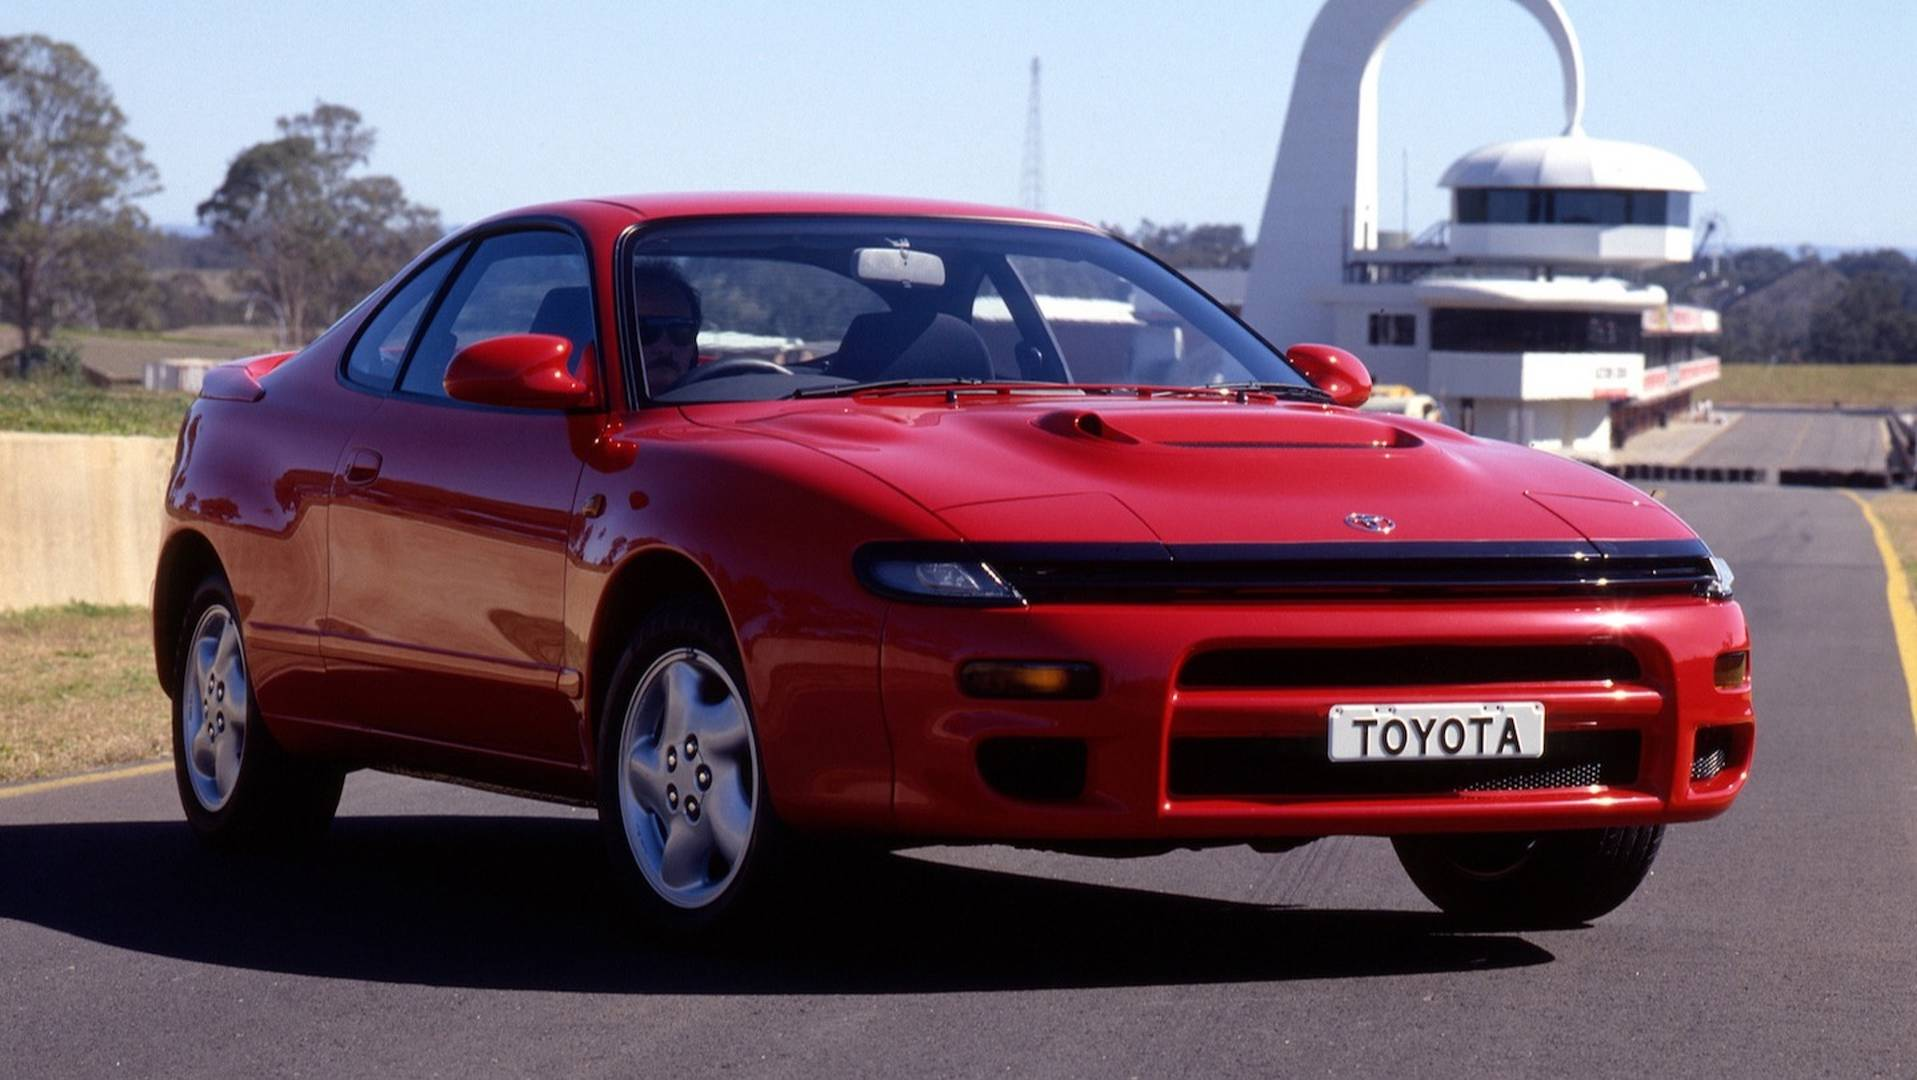 Coche del día: Toyota Celica 2.0 Turbo 4WD Carlos Sainz (ST185)